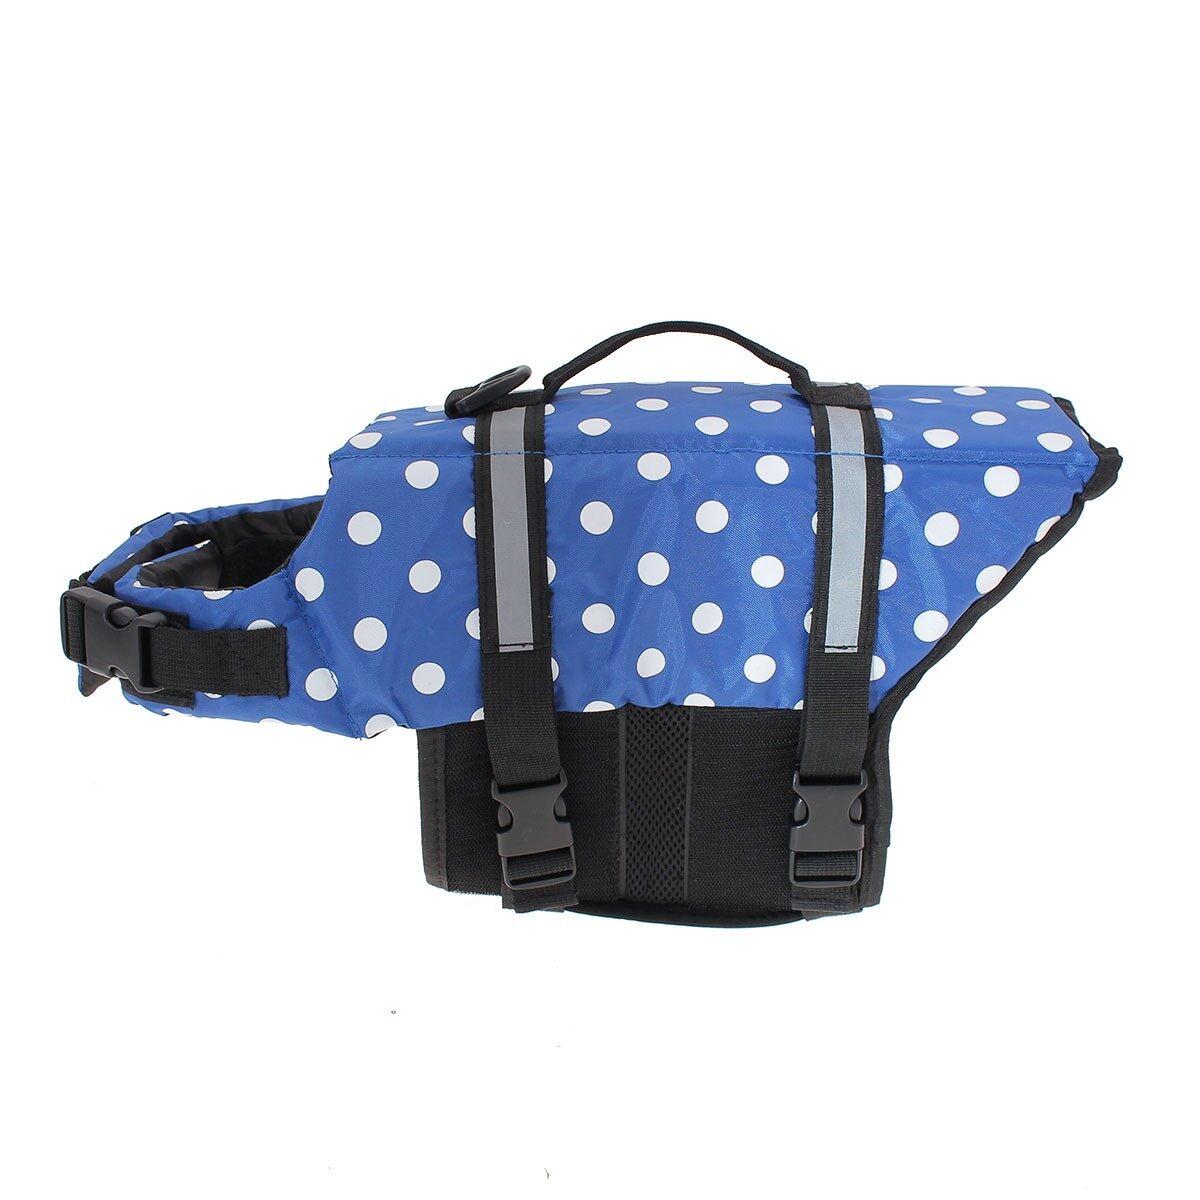 Hewan Peliharaan Aquatic Reflektif Awatara Pelampung Rompi Kucing Anjing Jaket Pelampung Baru Polkadot Biru Ukuran: